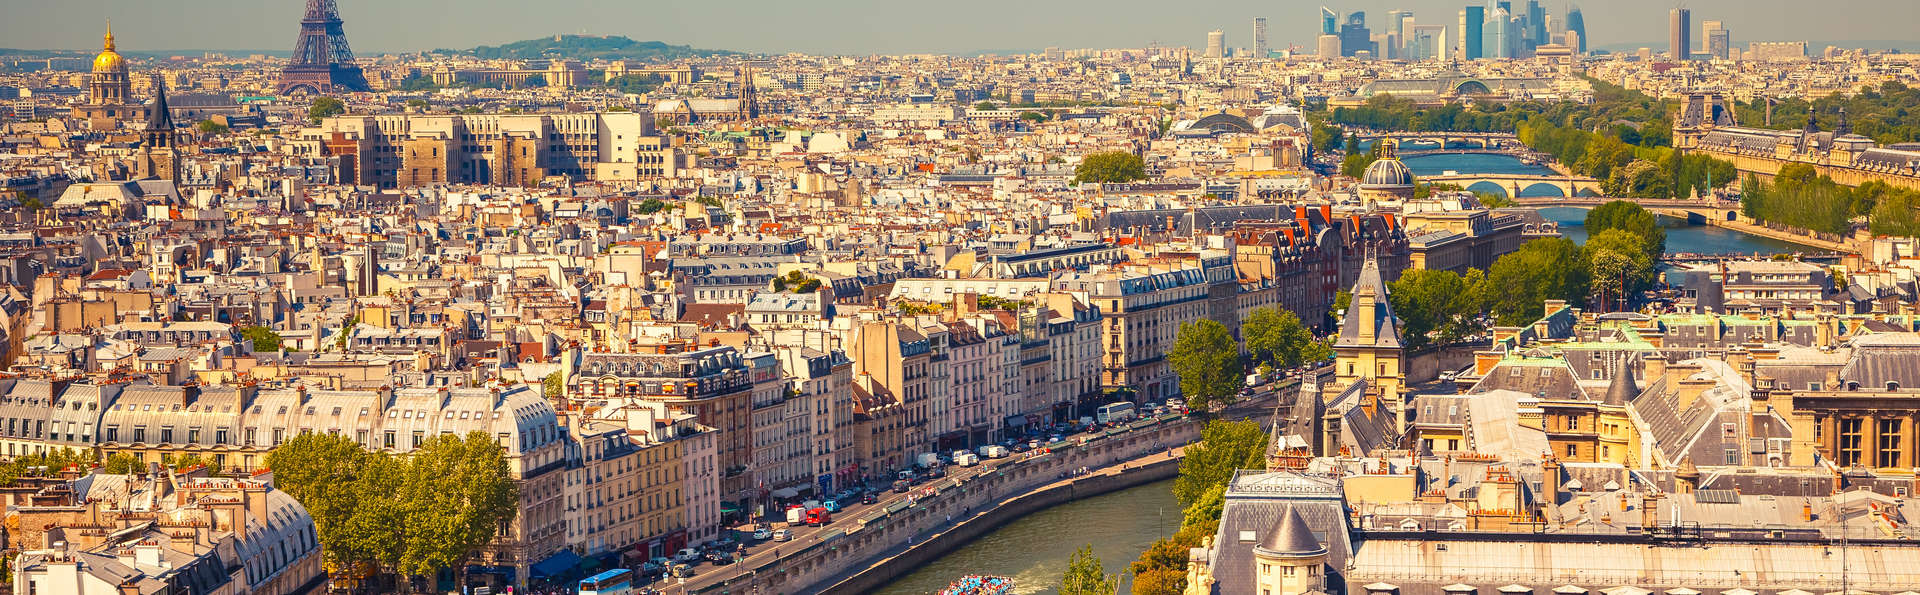 Novotel Suites Paris Rueil Malmaison - Pic_1.jpg